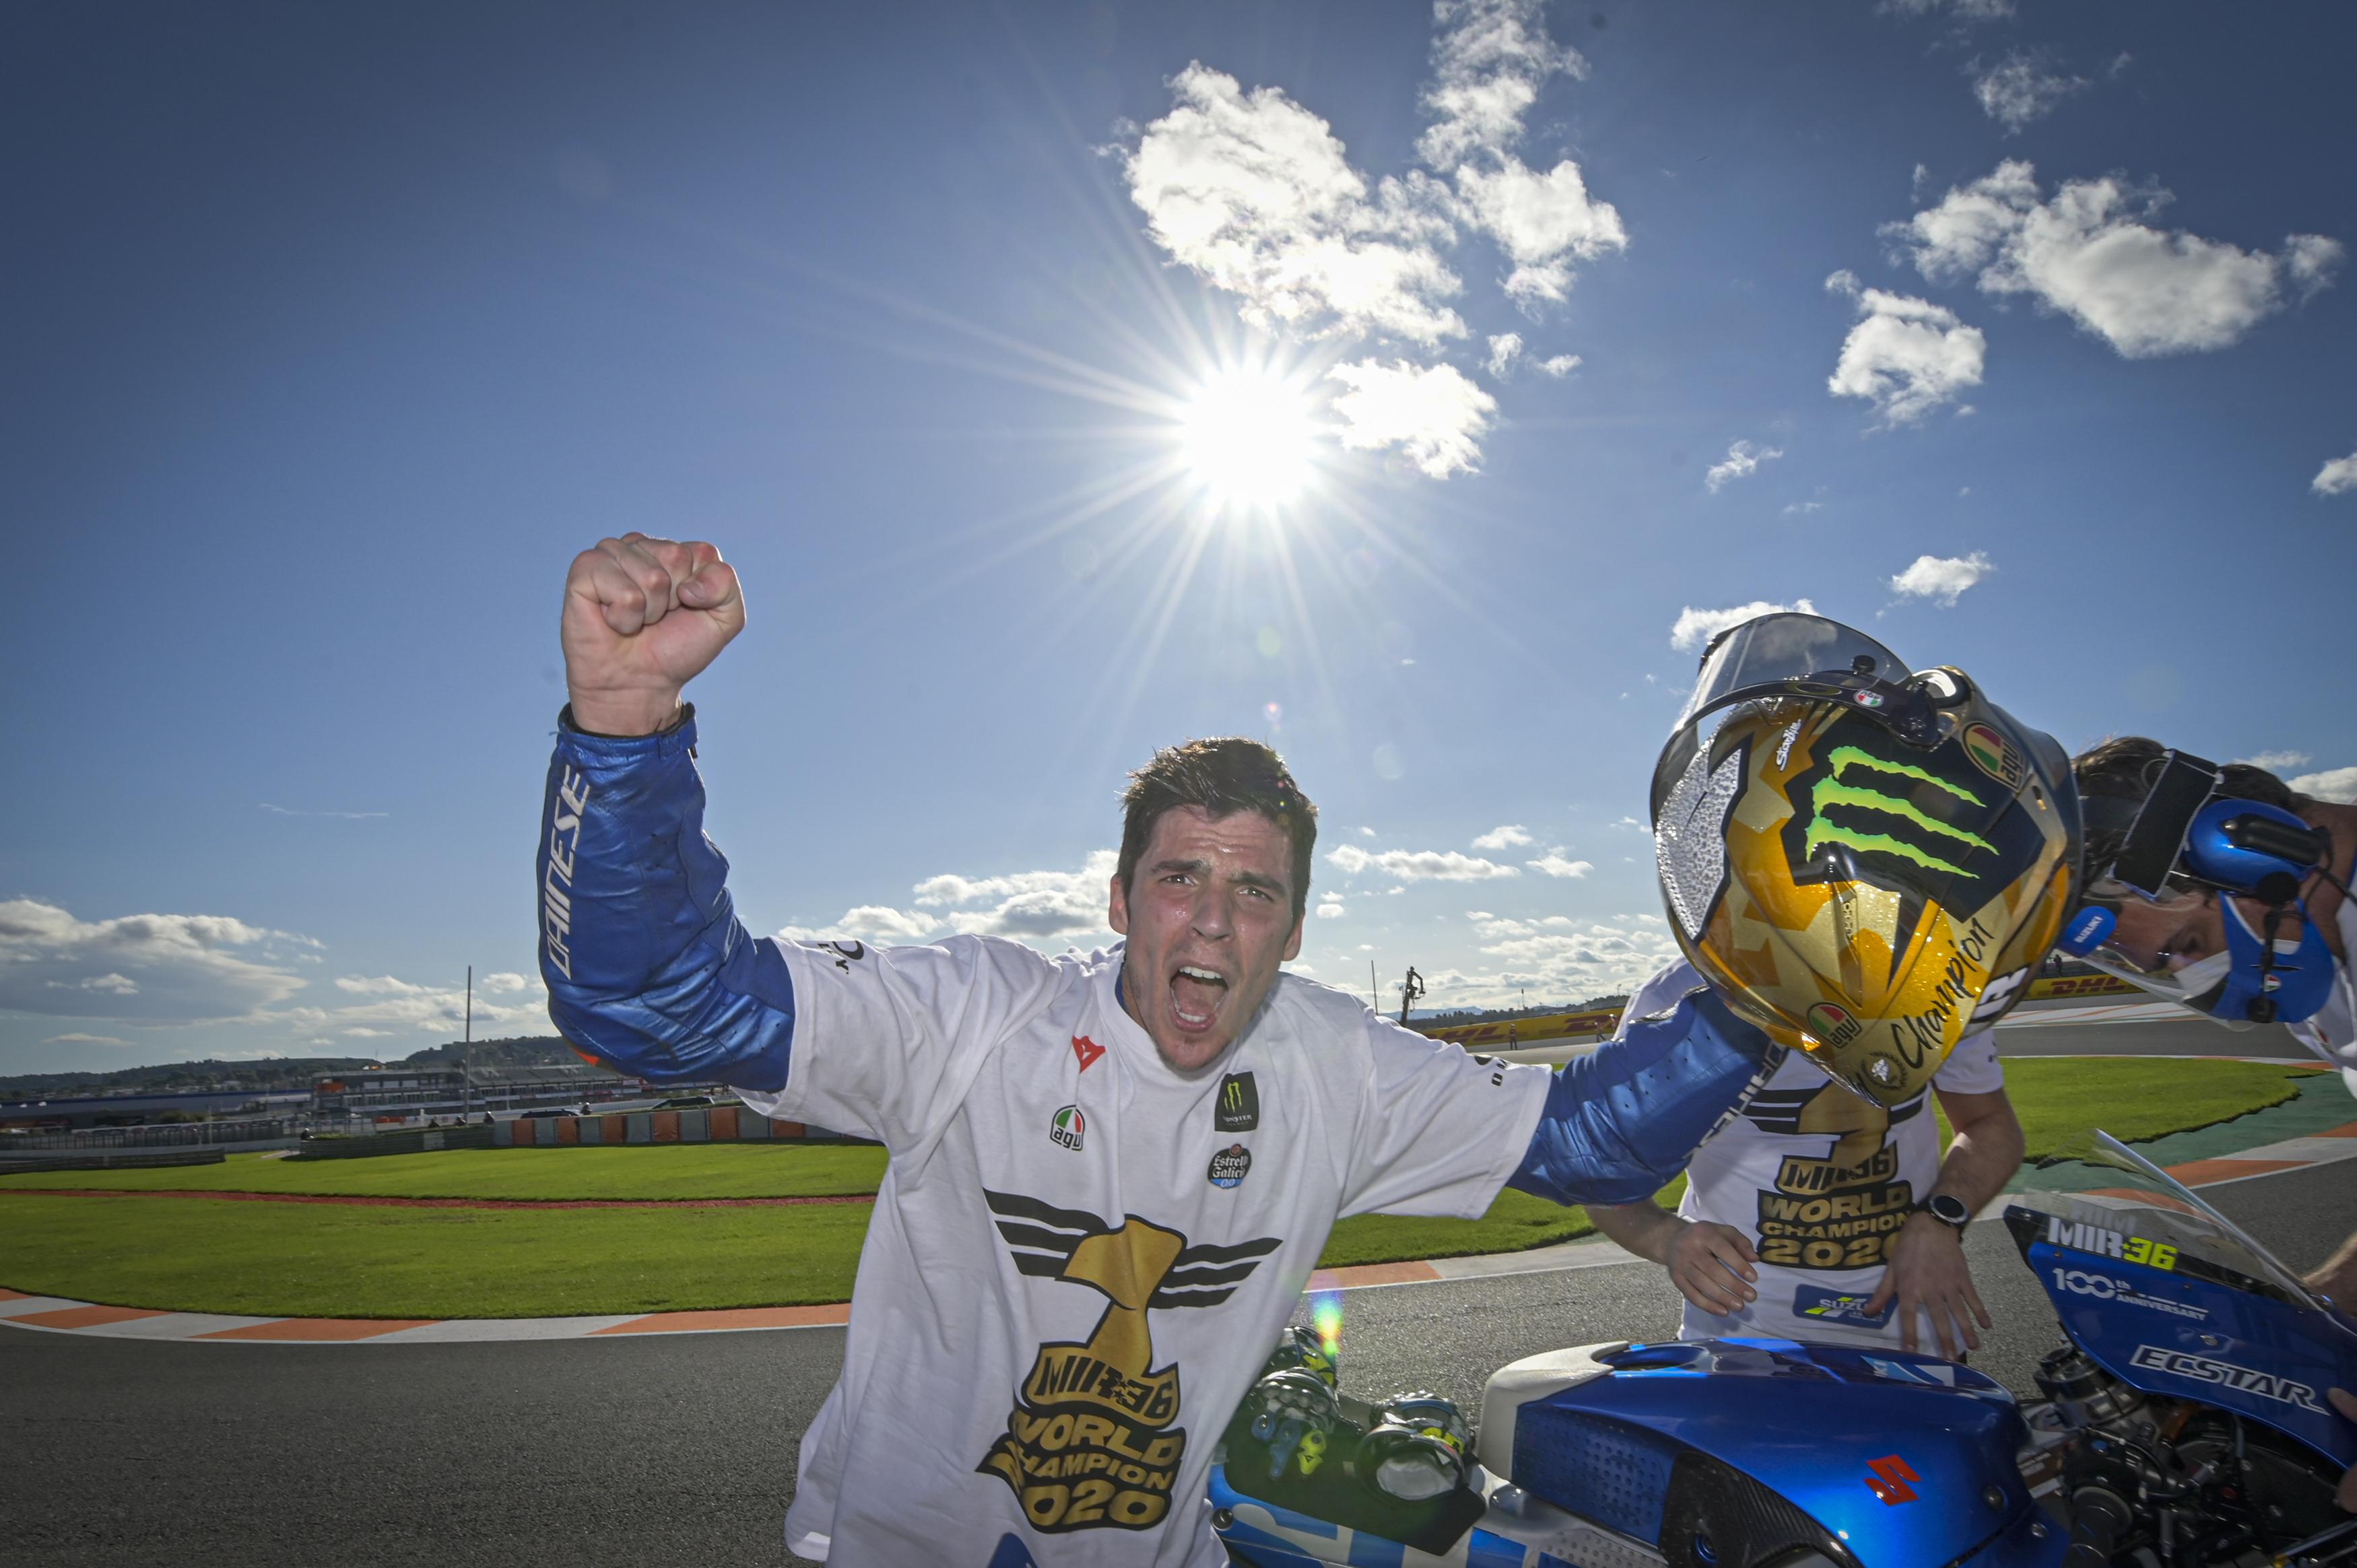 ジョアン・ミル選手のMotoGPチャンピオン記念ヘルメットが発売決定!